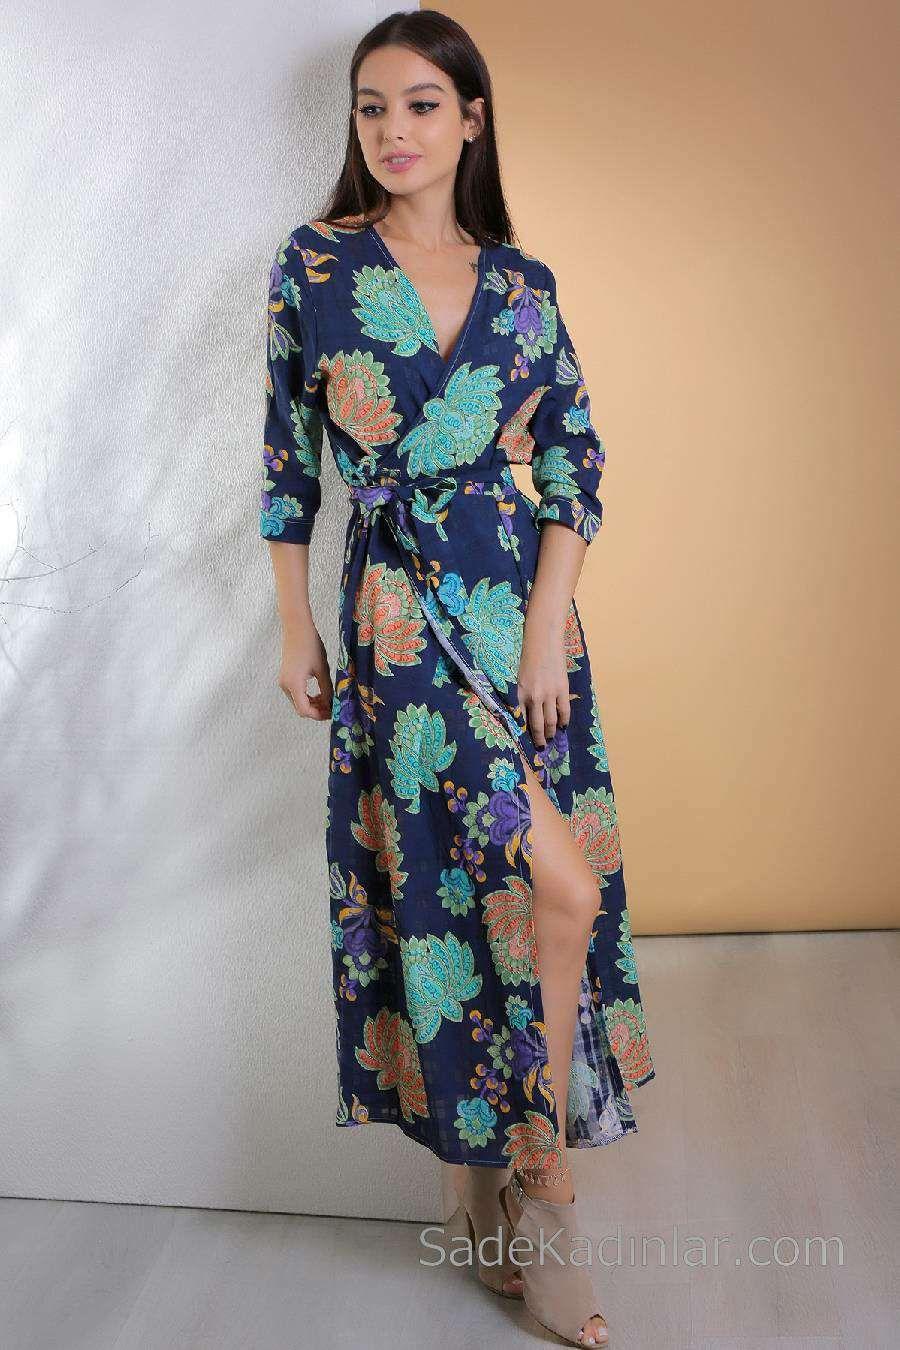 2020 Gunluk Elbise Modelleri Lacivert Uzun V Yakali Belden Baglamali Yirtmacli Elbise Modelleri The Dress Moda Stilleri